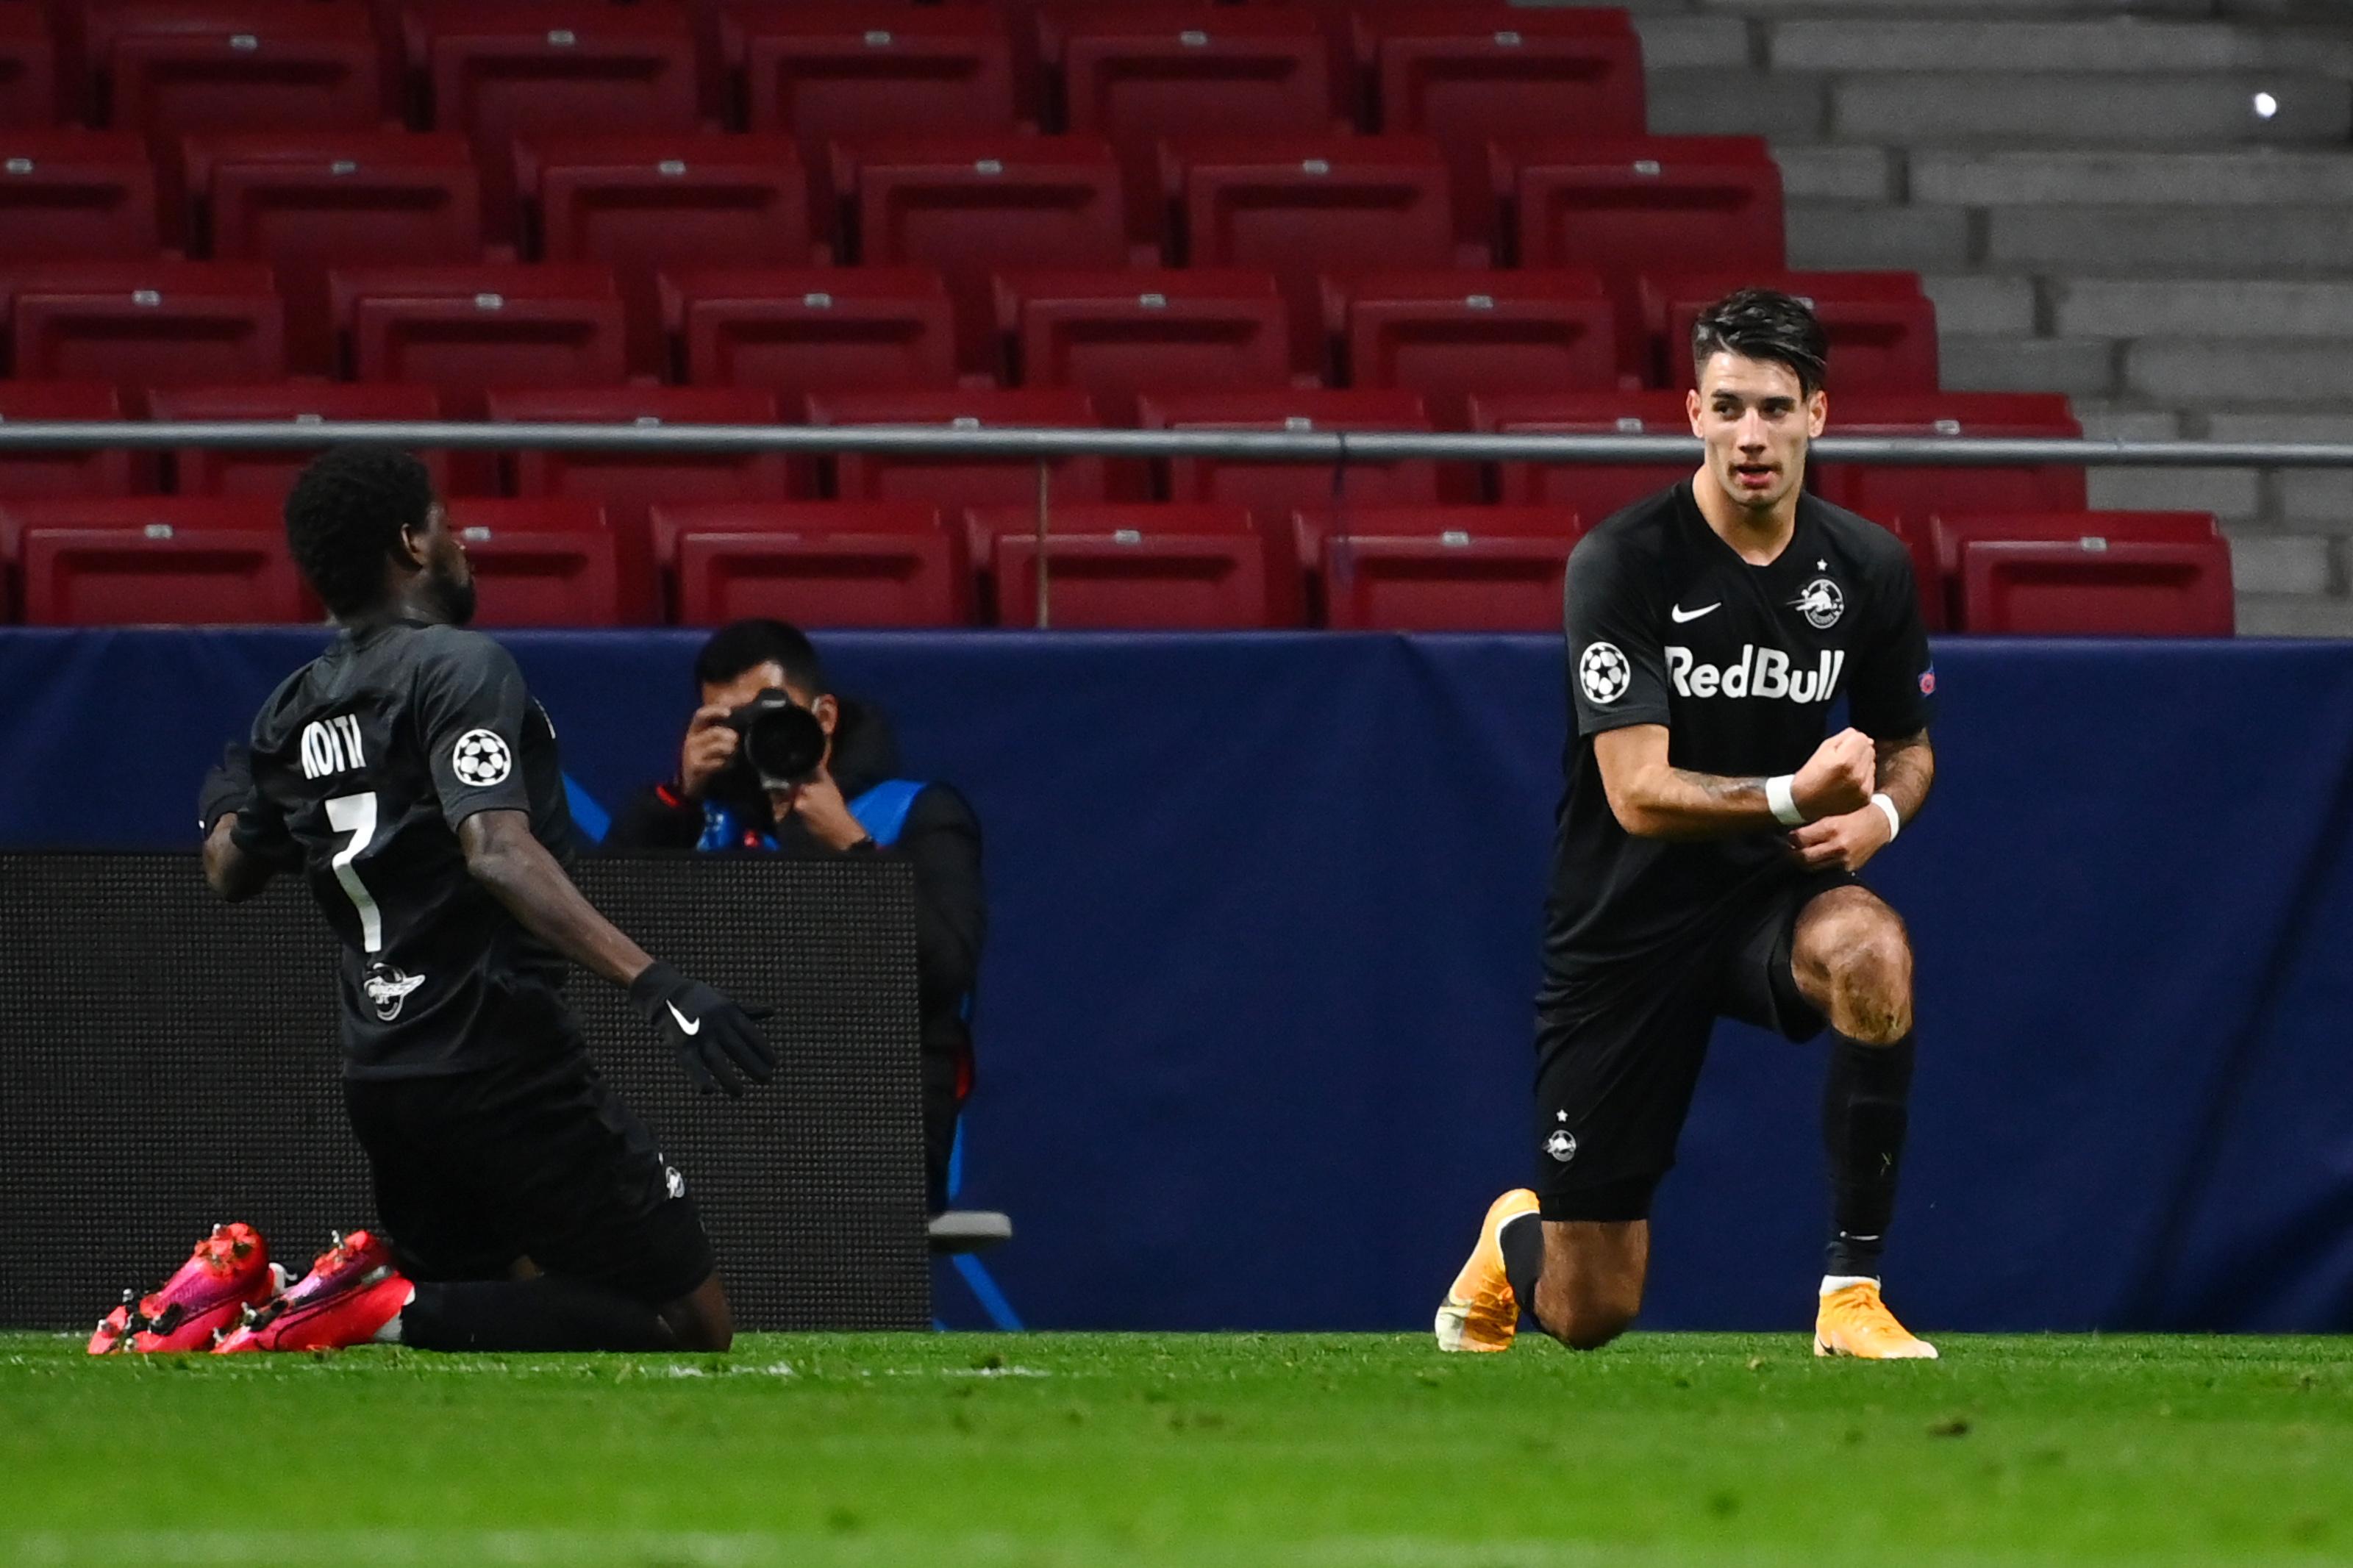 Szoboszlai nagyot játszott, gólt is lőtt, de a Salzburg végül kikapott az Atléticótól a BL-ben